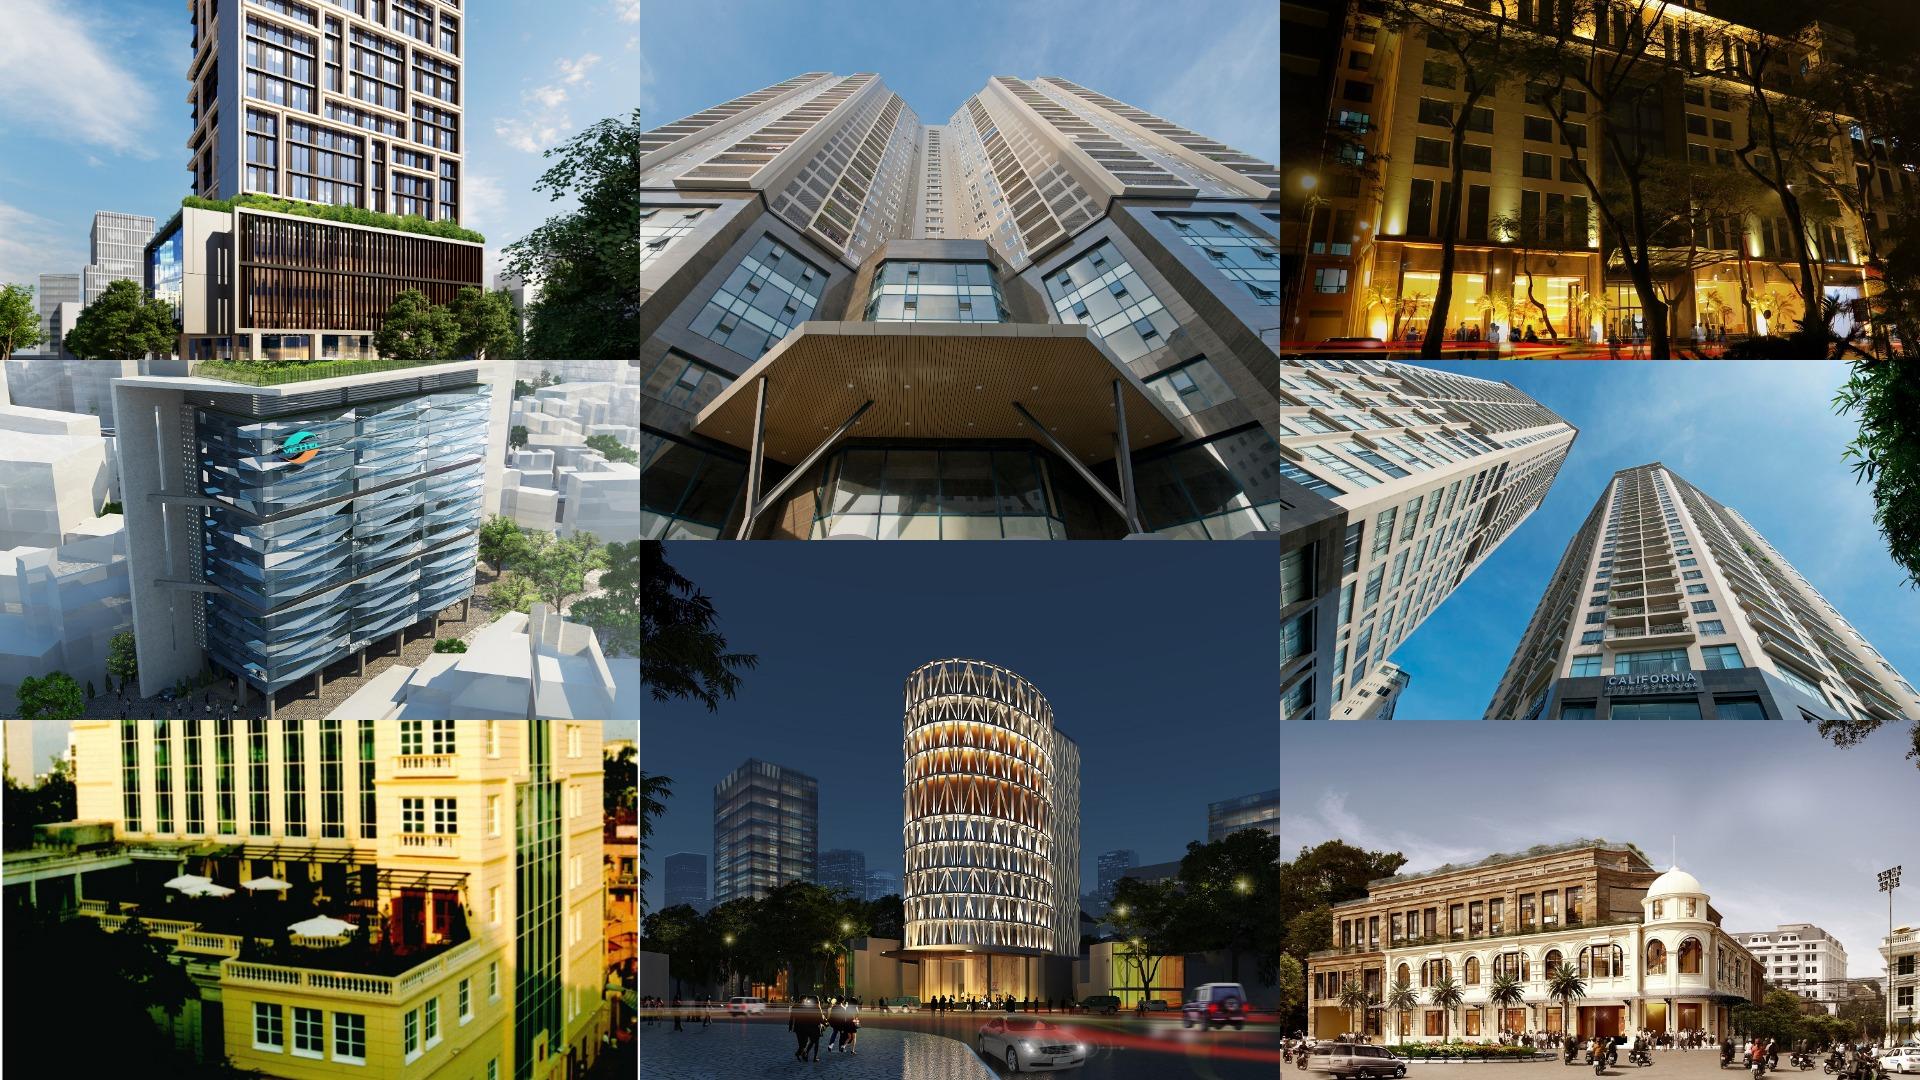 Các dự án thành công của TT - AS - Đơn vị thiết kế kiến trúc cho Villa Tropical Village